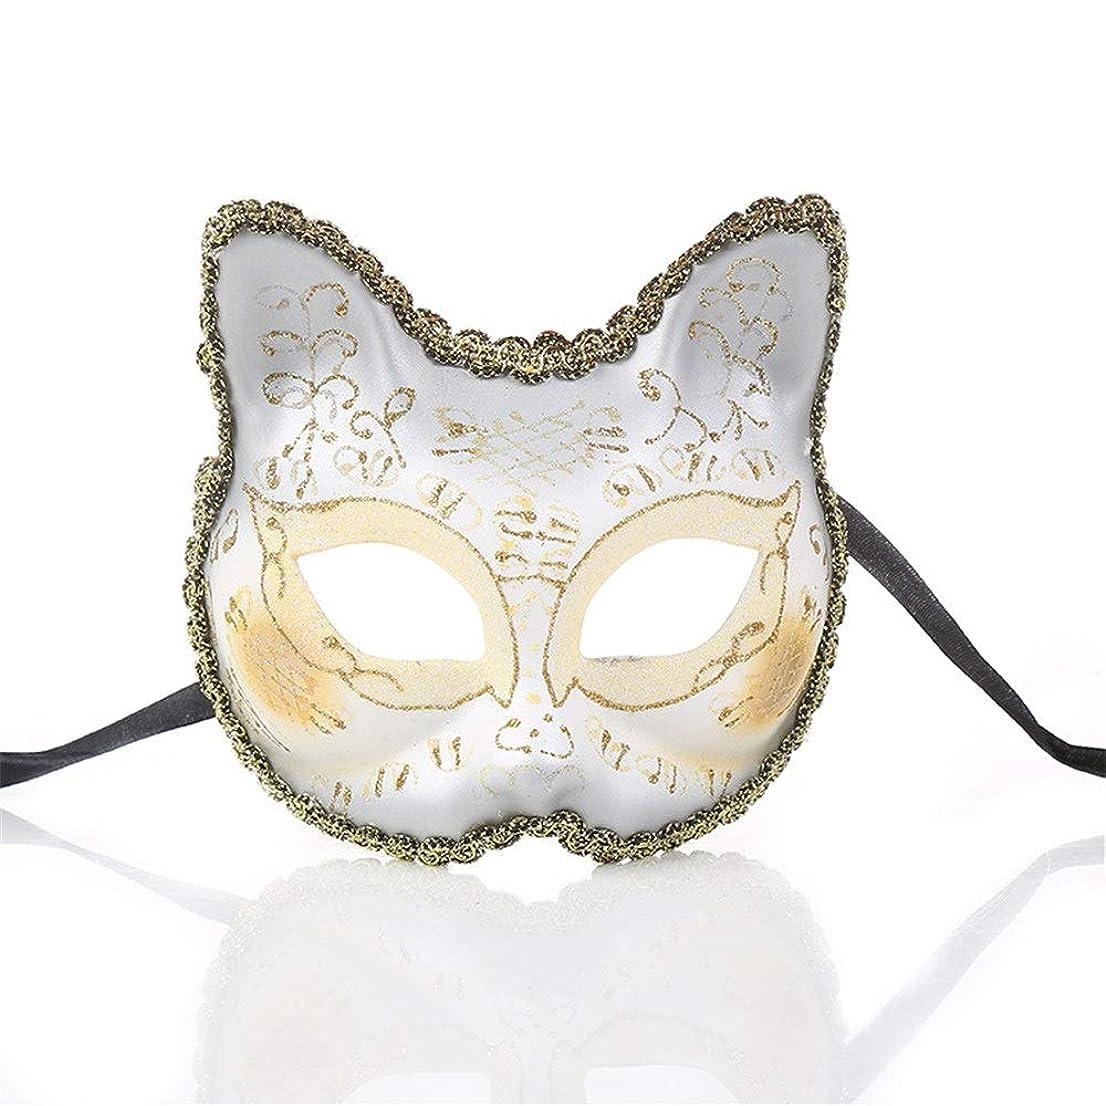 接ぎ木構造呼び出すダンスマスク ワイルドマスカレードロールプレイングパーティーの小道具ナイトクラブのマスクの雰囲気クリスマスフェスティバルロールプレイングプラスチックマスク ホリデーパーティー用品 (色 : 白, サイズ : 13x13cm)